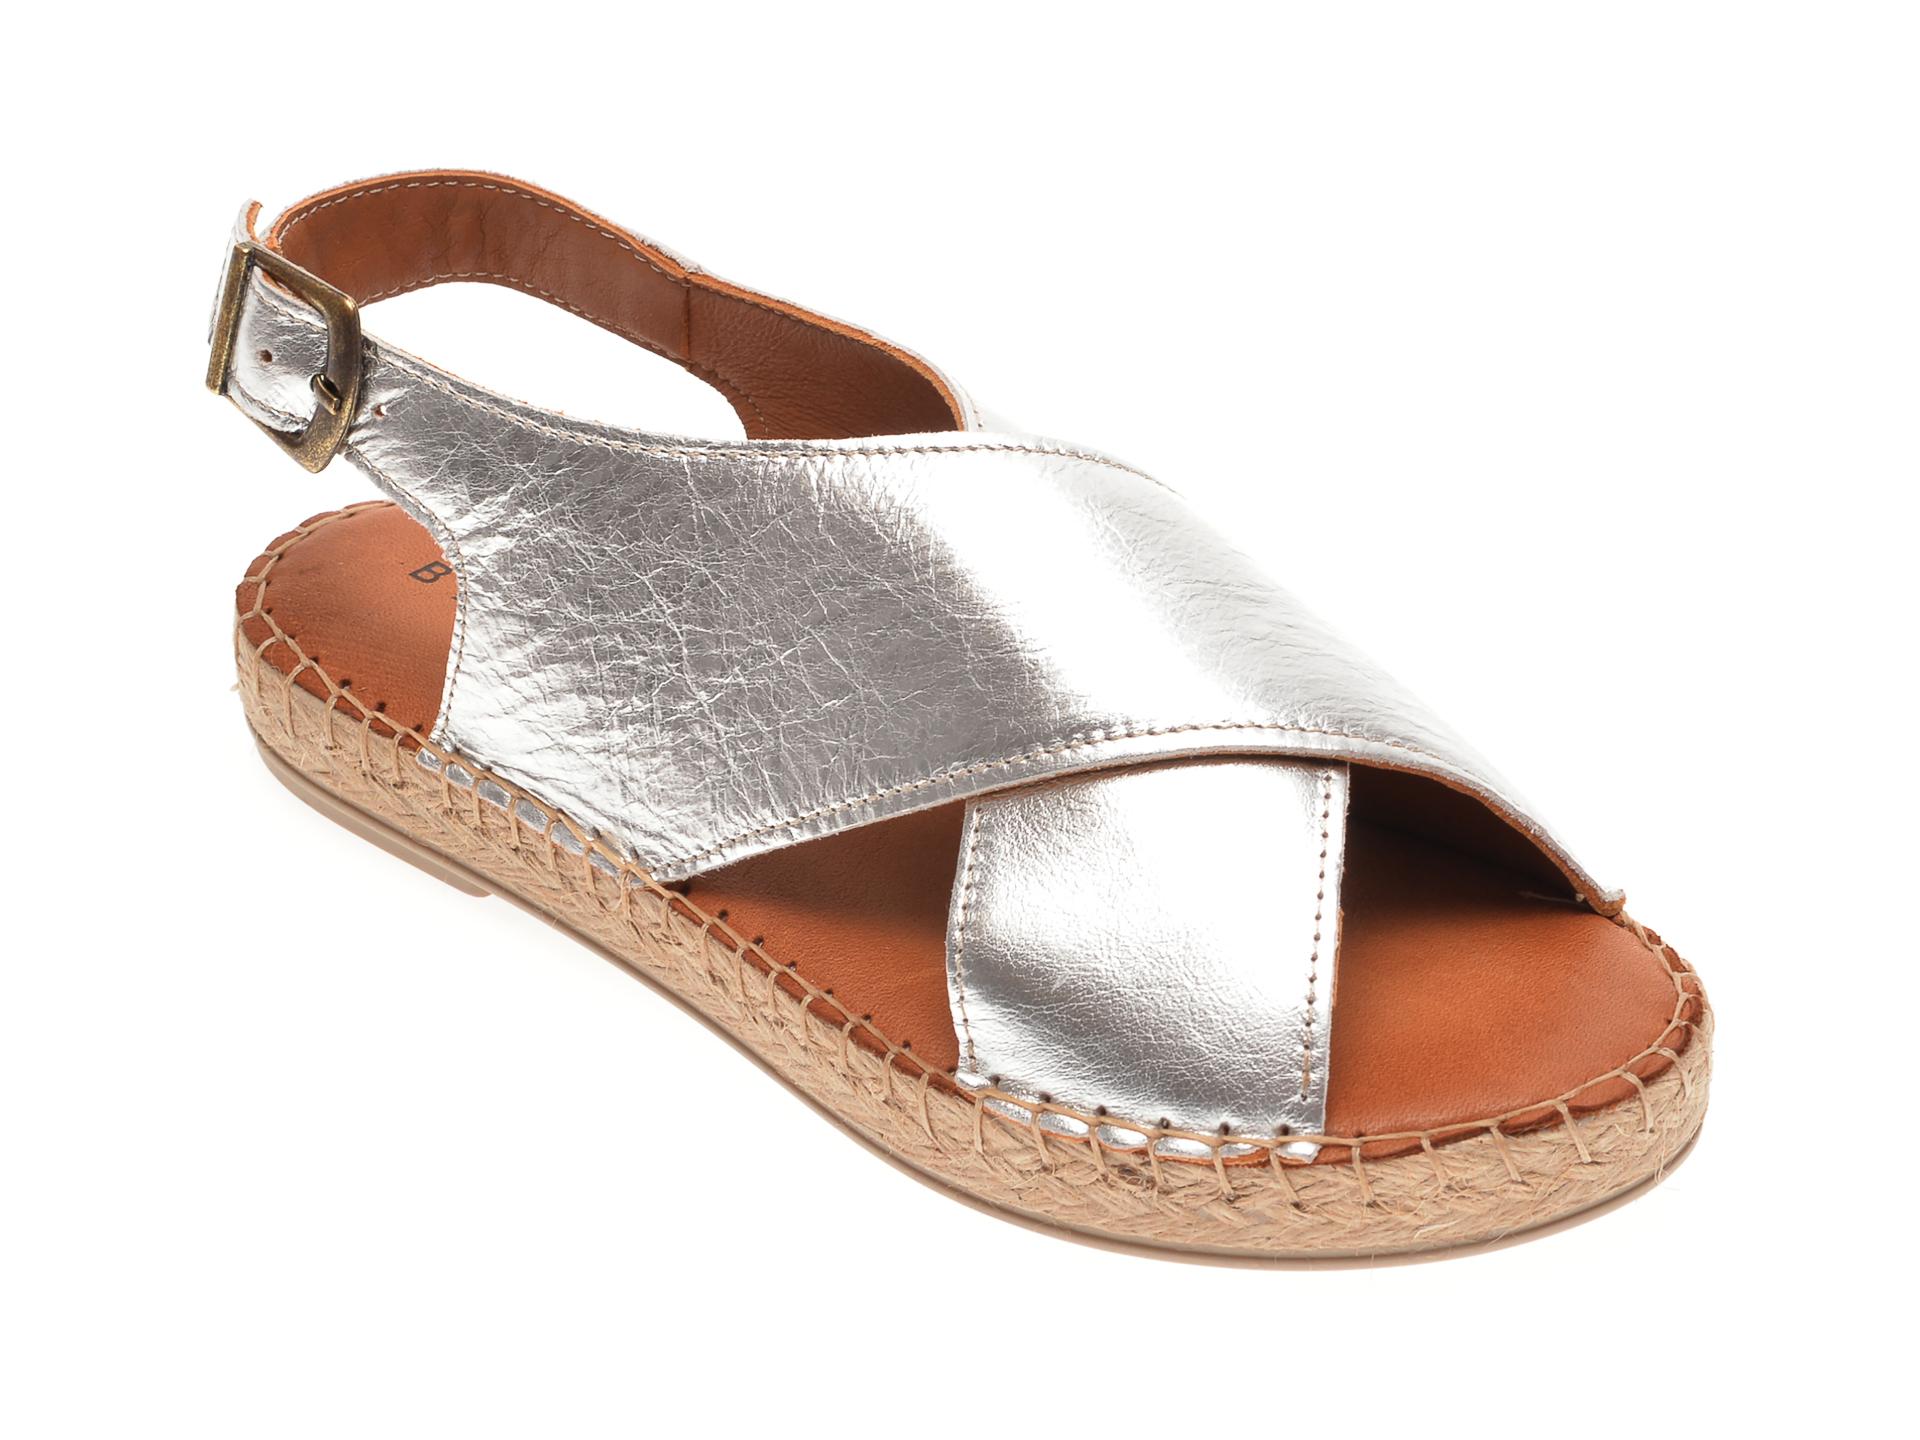 Sandale BABOOS argintii, R05, din piele naturala imagine